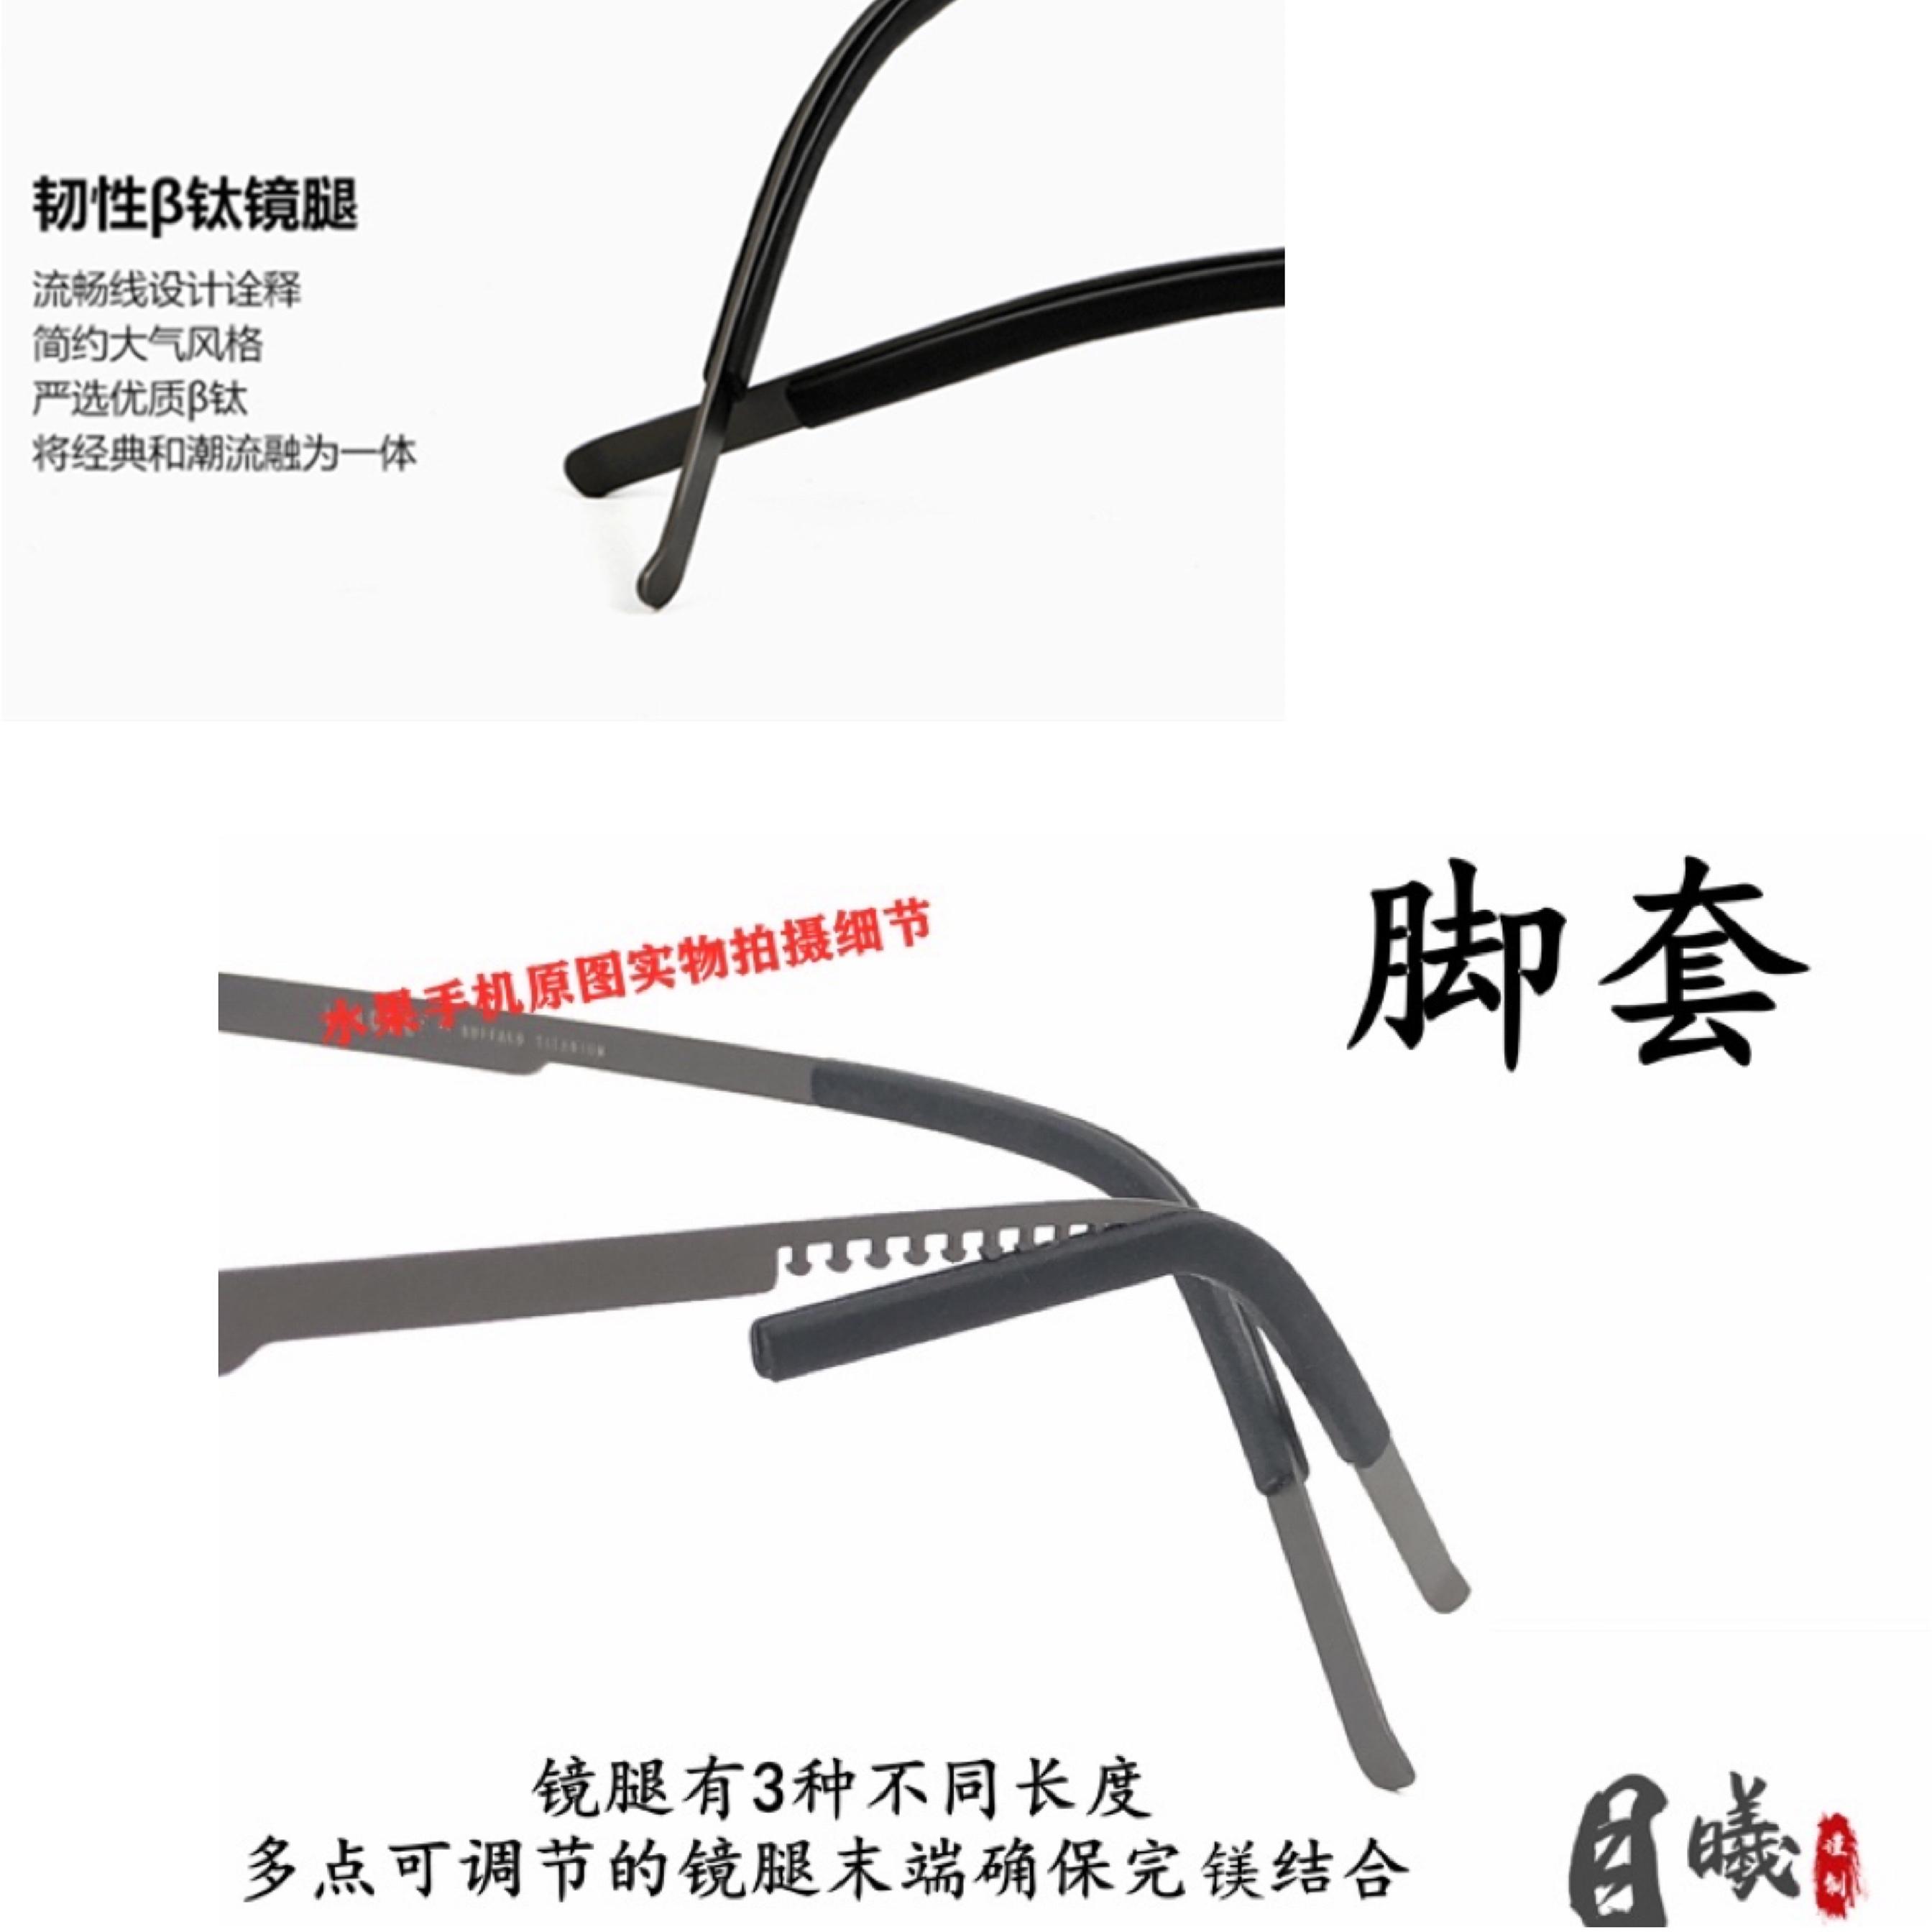 9704 姜文徐峥同款眼镜框男超轻纯钛金复古文艺近视镜架玳瑁色圆框